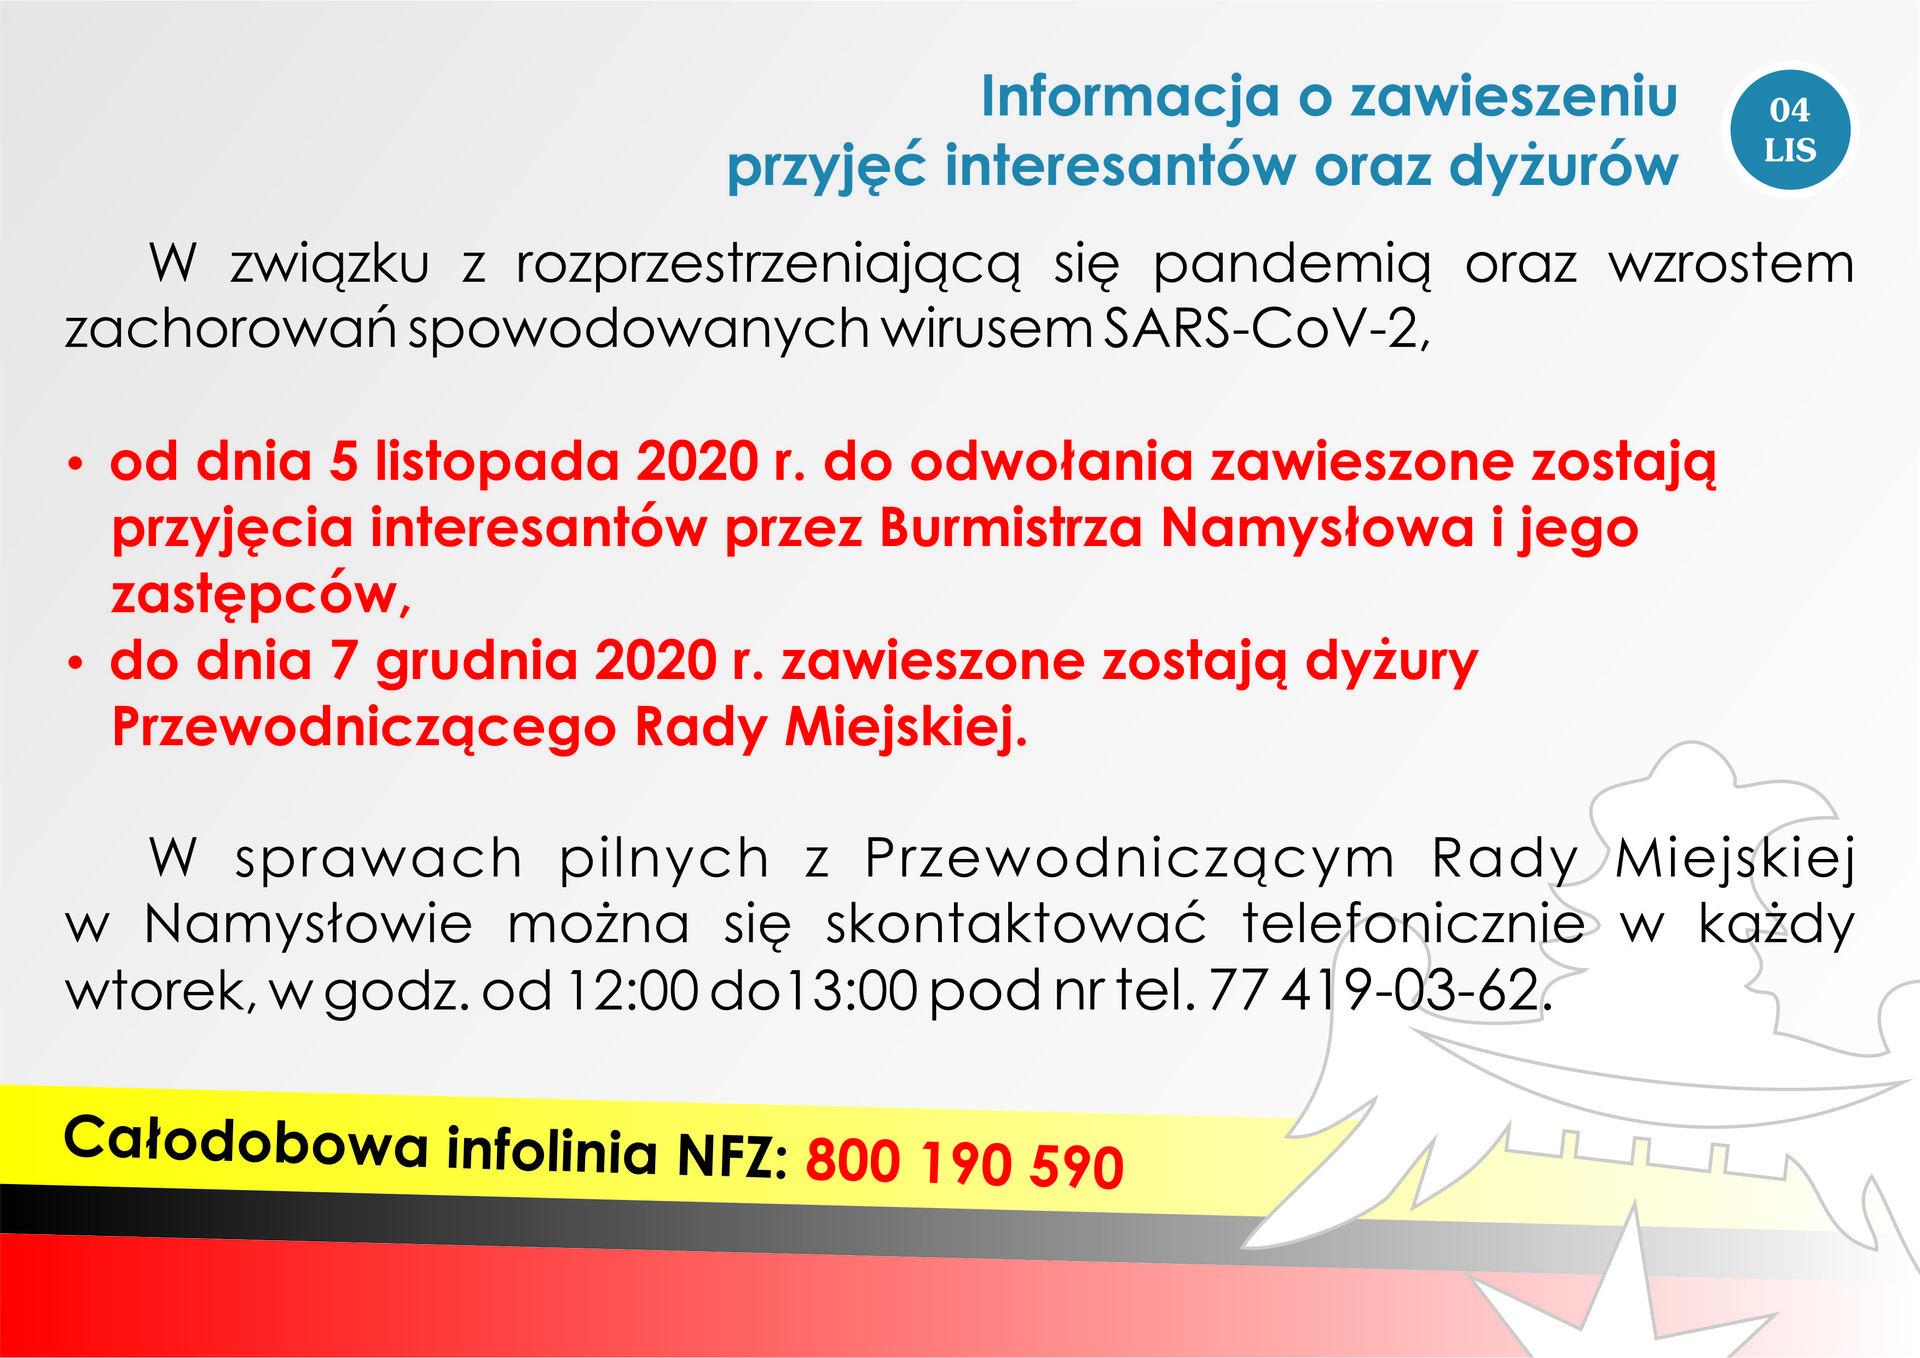 Informacja o zawieszeniu przyjęć interesantów oraz dyżurów (2020-11-04).jpeg